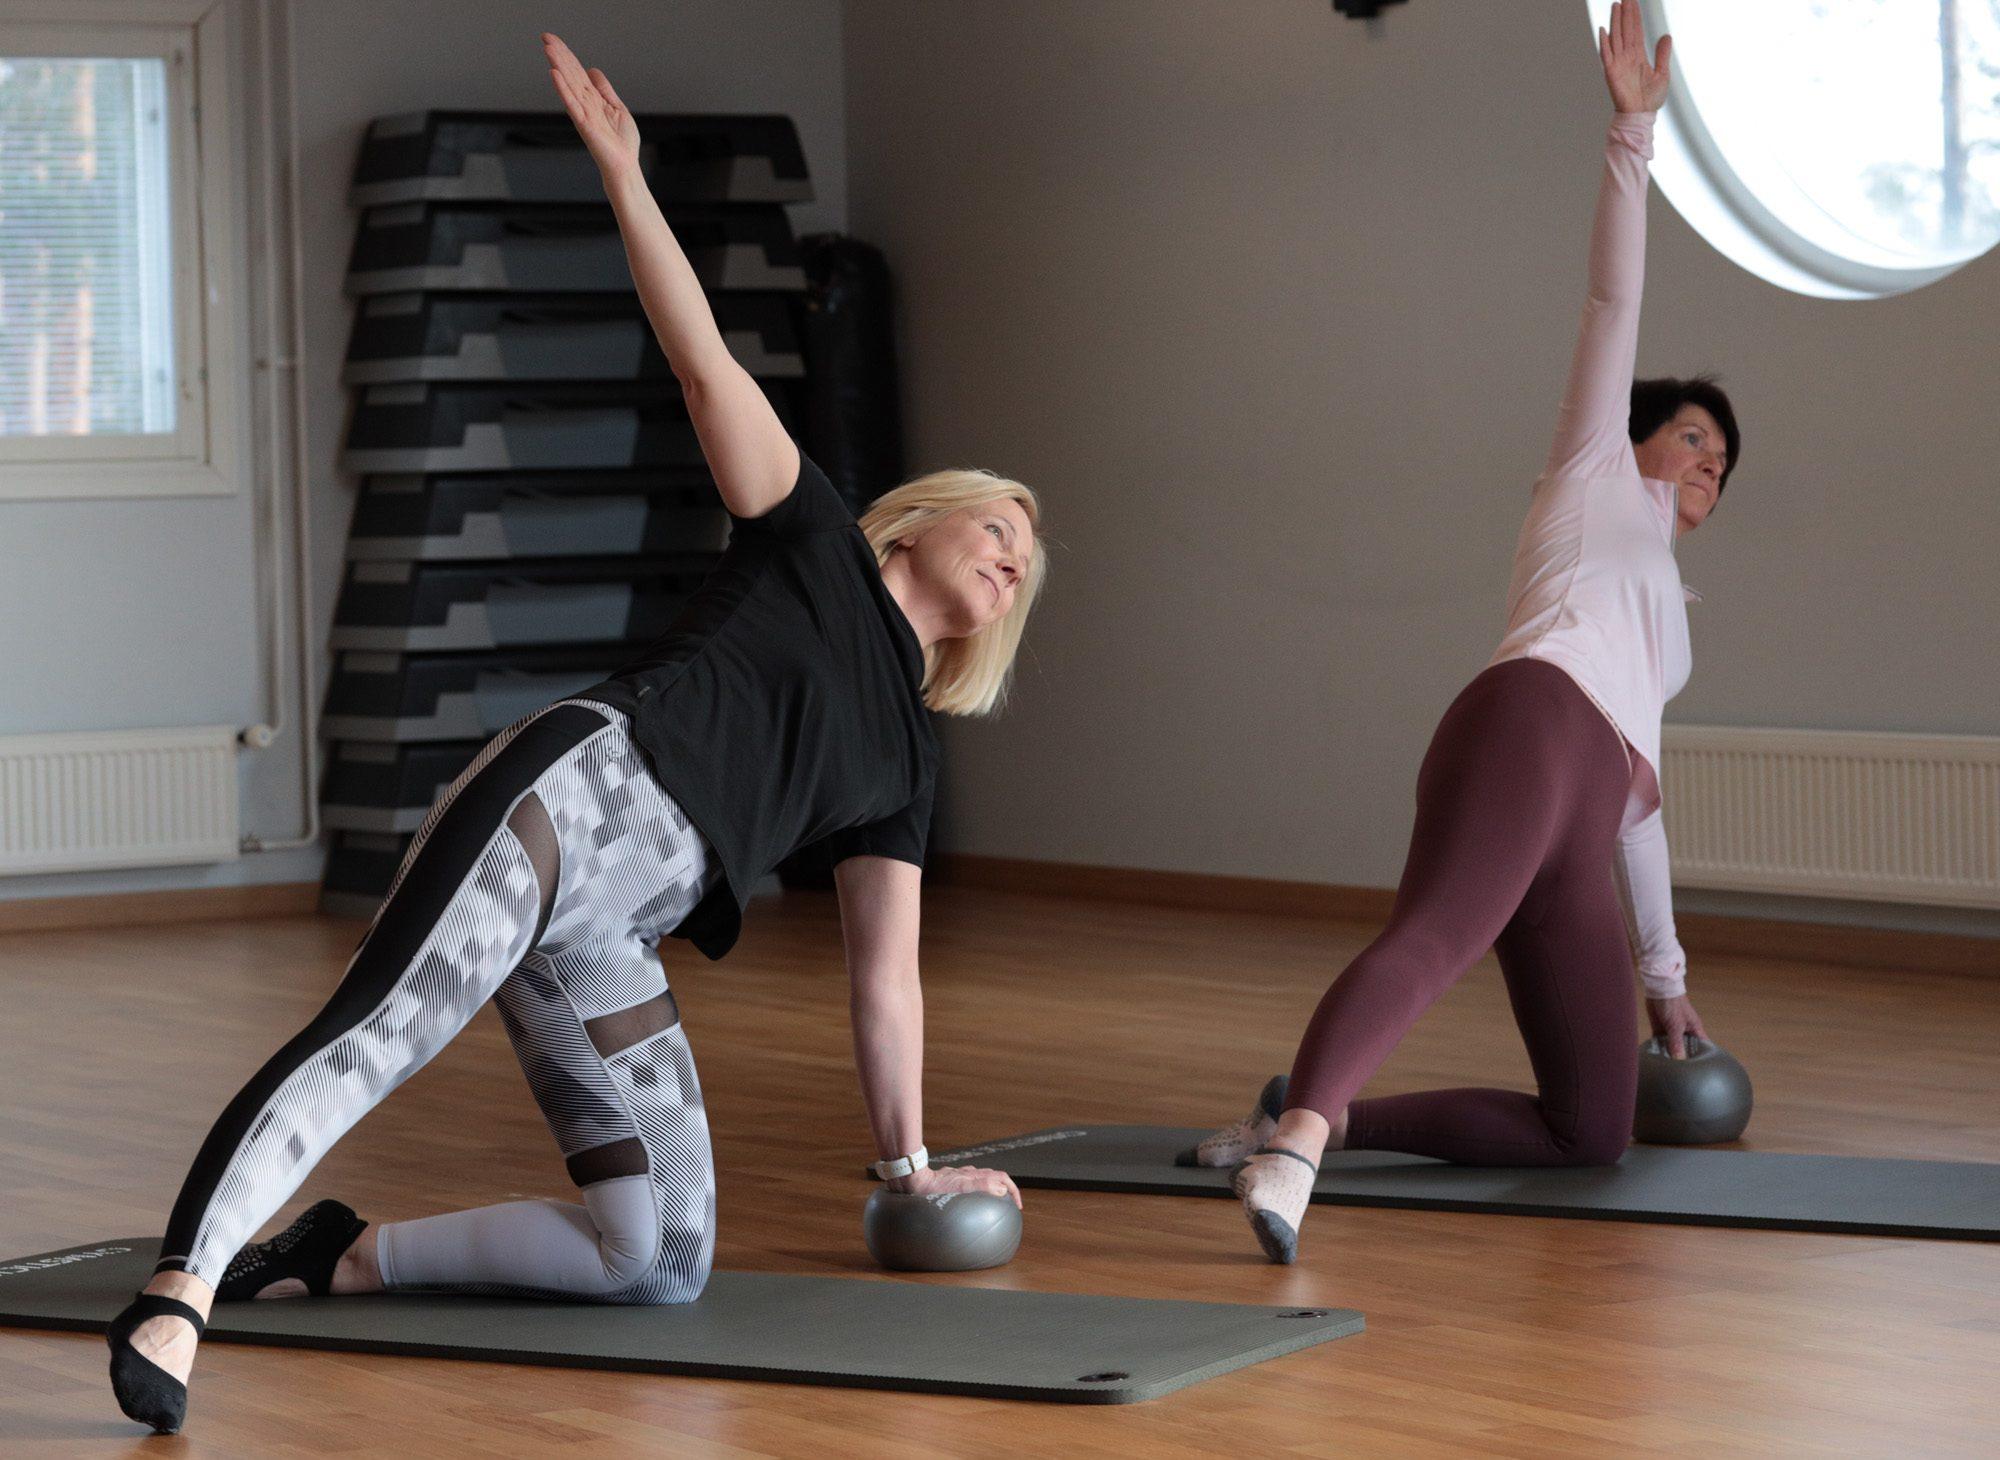 Terve selkä -tunnilla keskitymme hartiarenkaan, keskivartalon ja lantion alueen lihaskunnon parantamiseen sekä selkärangan liikkuvuuden lisäämiseen.